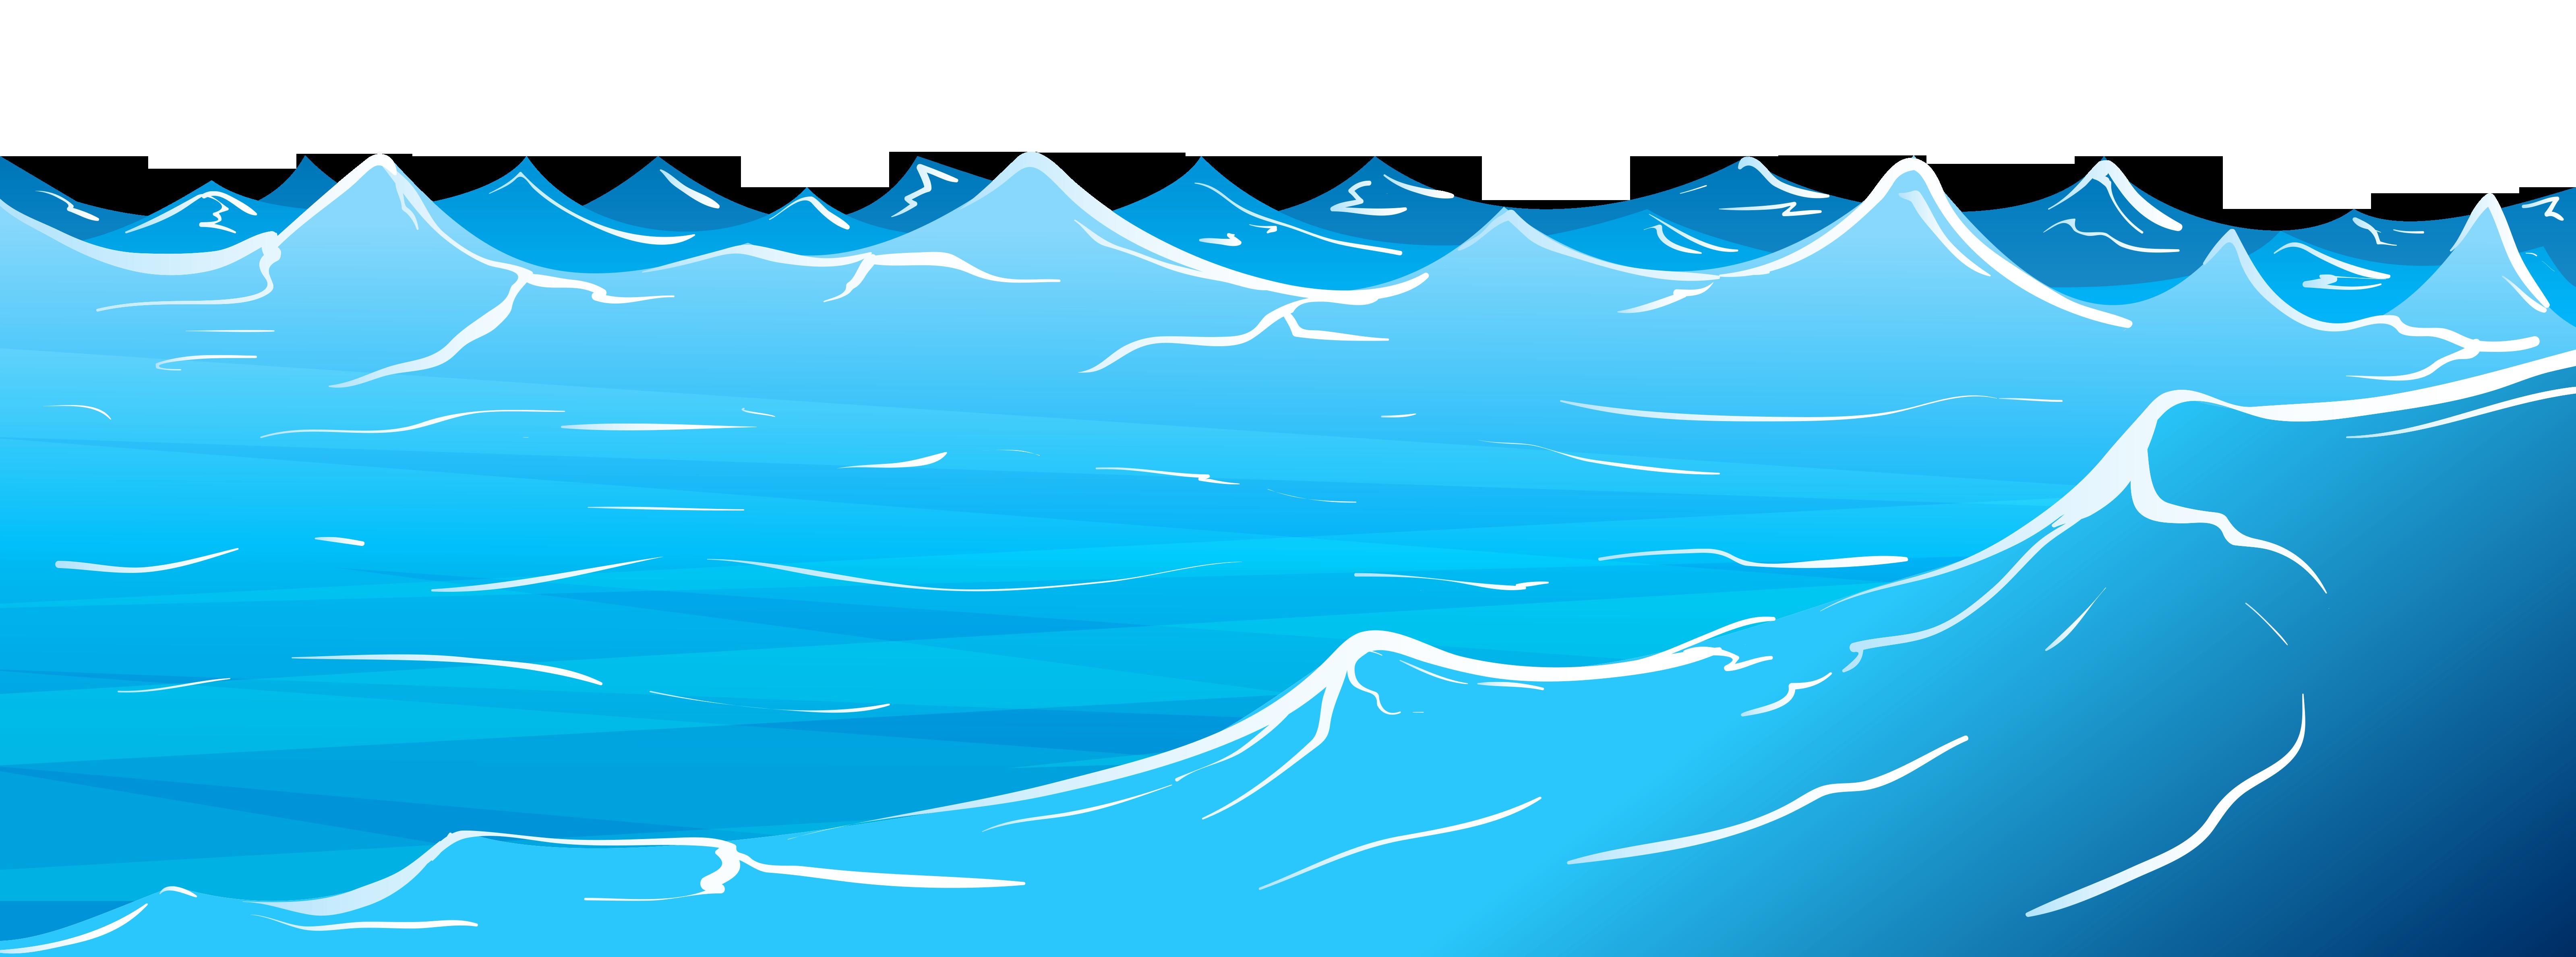 Free Ocean Clipart-Free Ocean Clipart-1